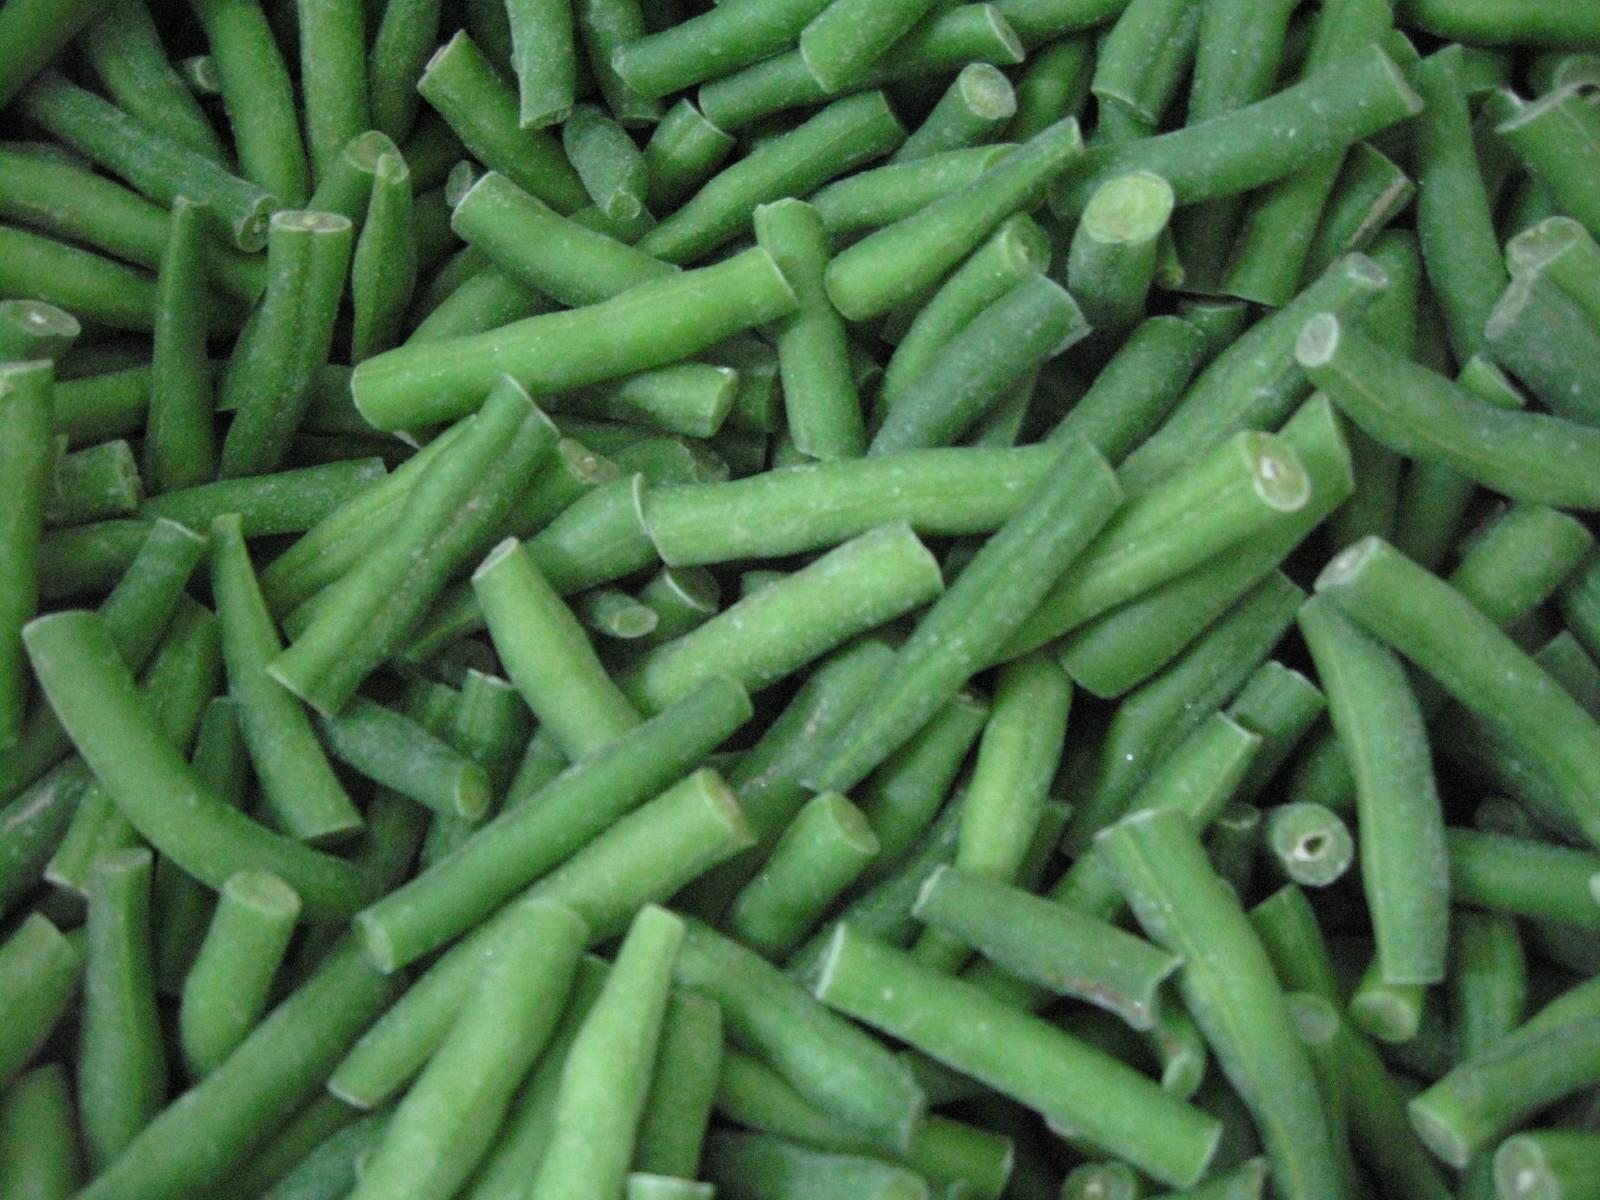 IQF Cut Green Beans,Frozen Cut Green Beans,IQF Green Beans Cuts 8